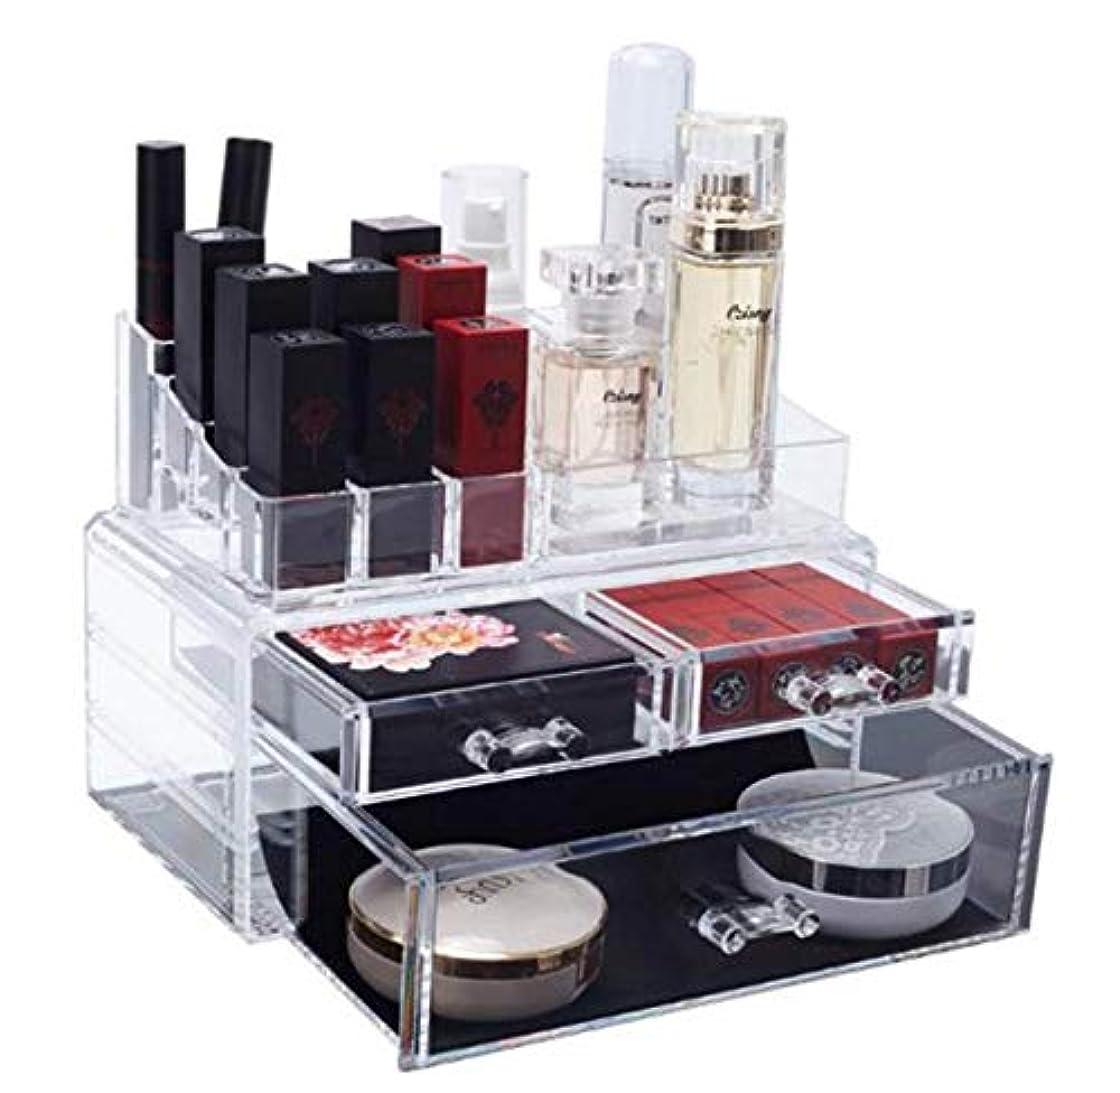 専ら過半数不適当化粧品収納ボックス メイク収納ケース コスメ 収納ボックス 大容量 高透明度 引き出し アクセサリー/化粧品入れ 耐久